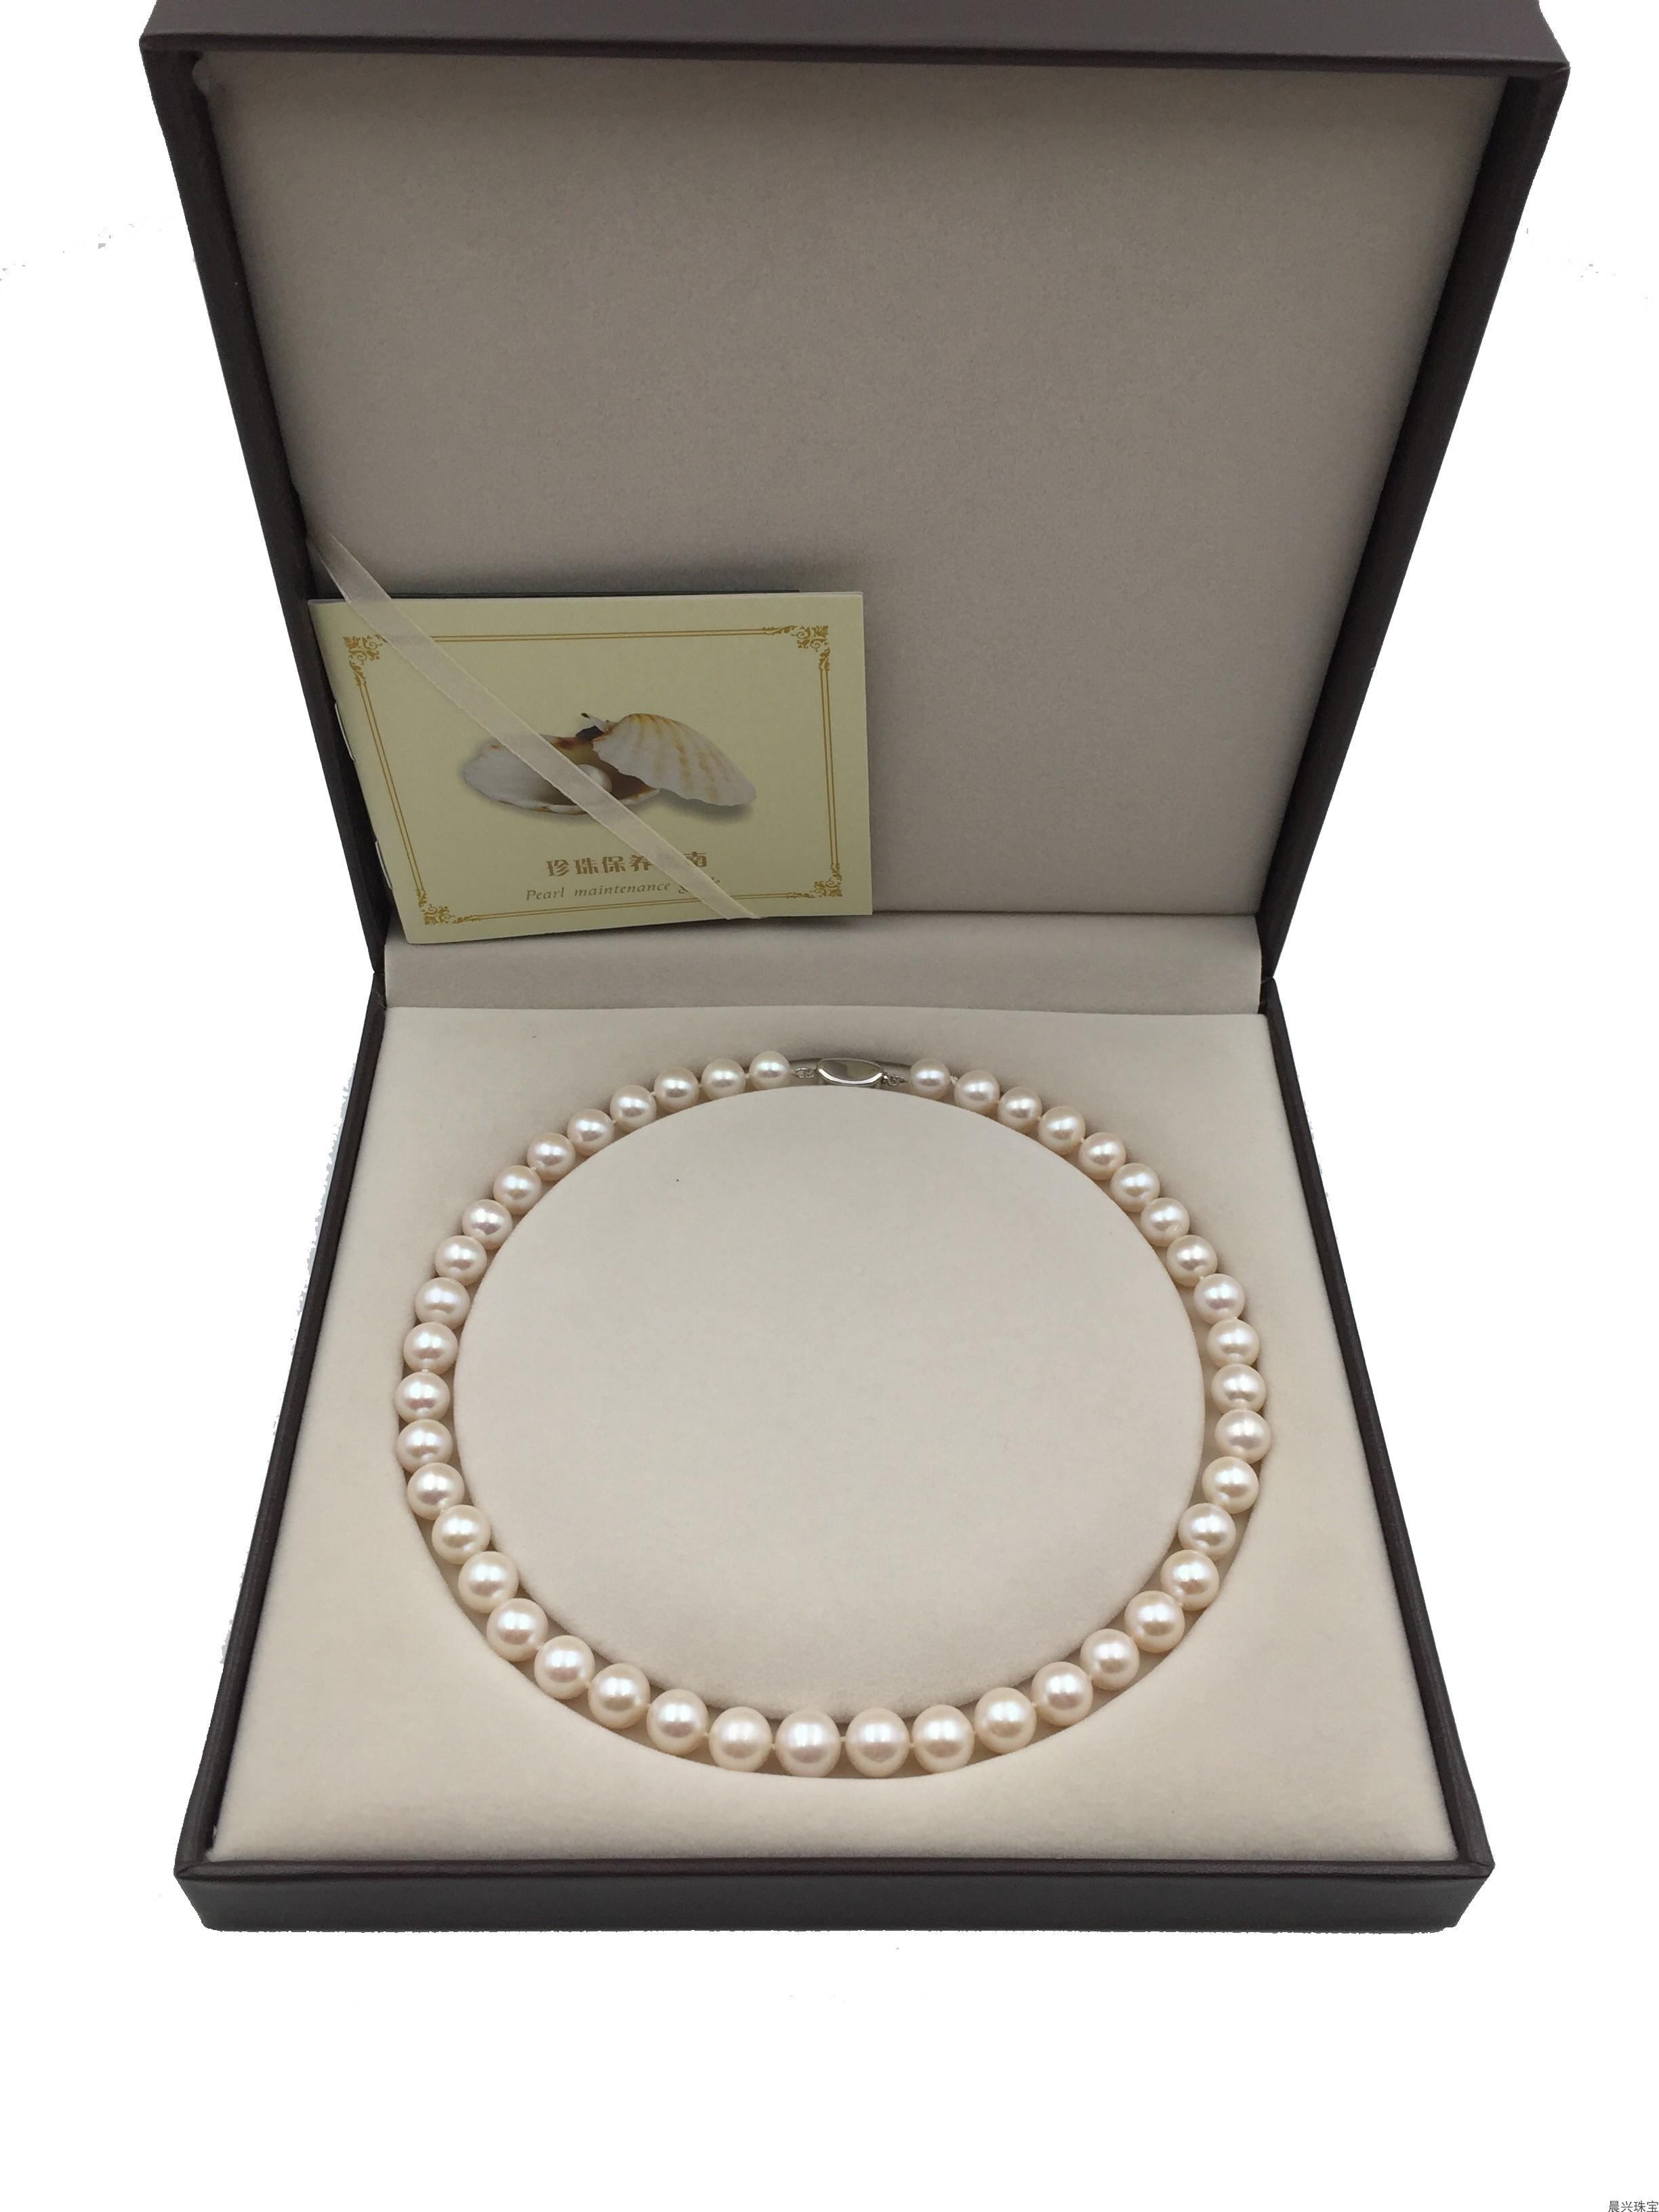 天然淡水珍珠近圆圆润项链,妈妈母亲婆婆女神仙女链生日节日好礼